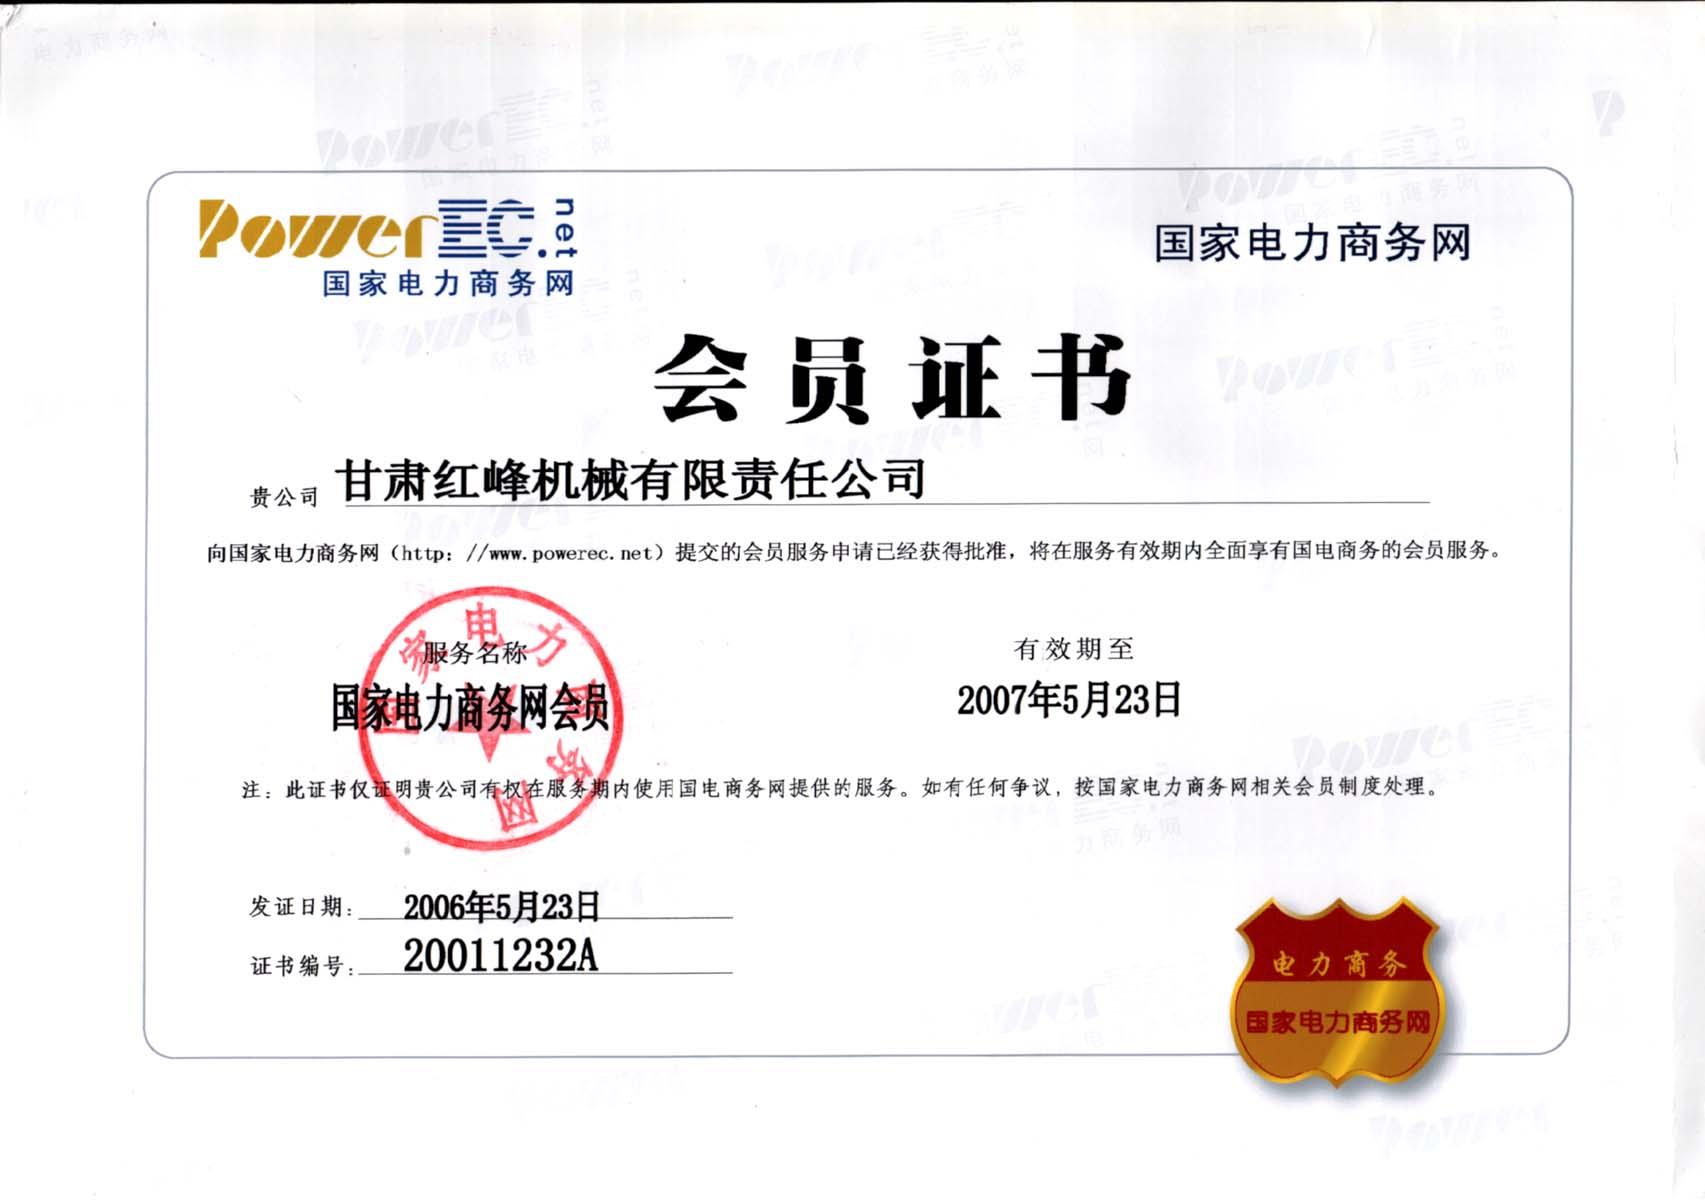 2006年国家电力商务网会员证书